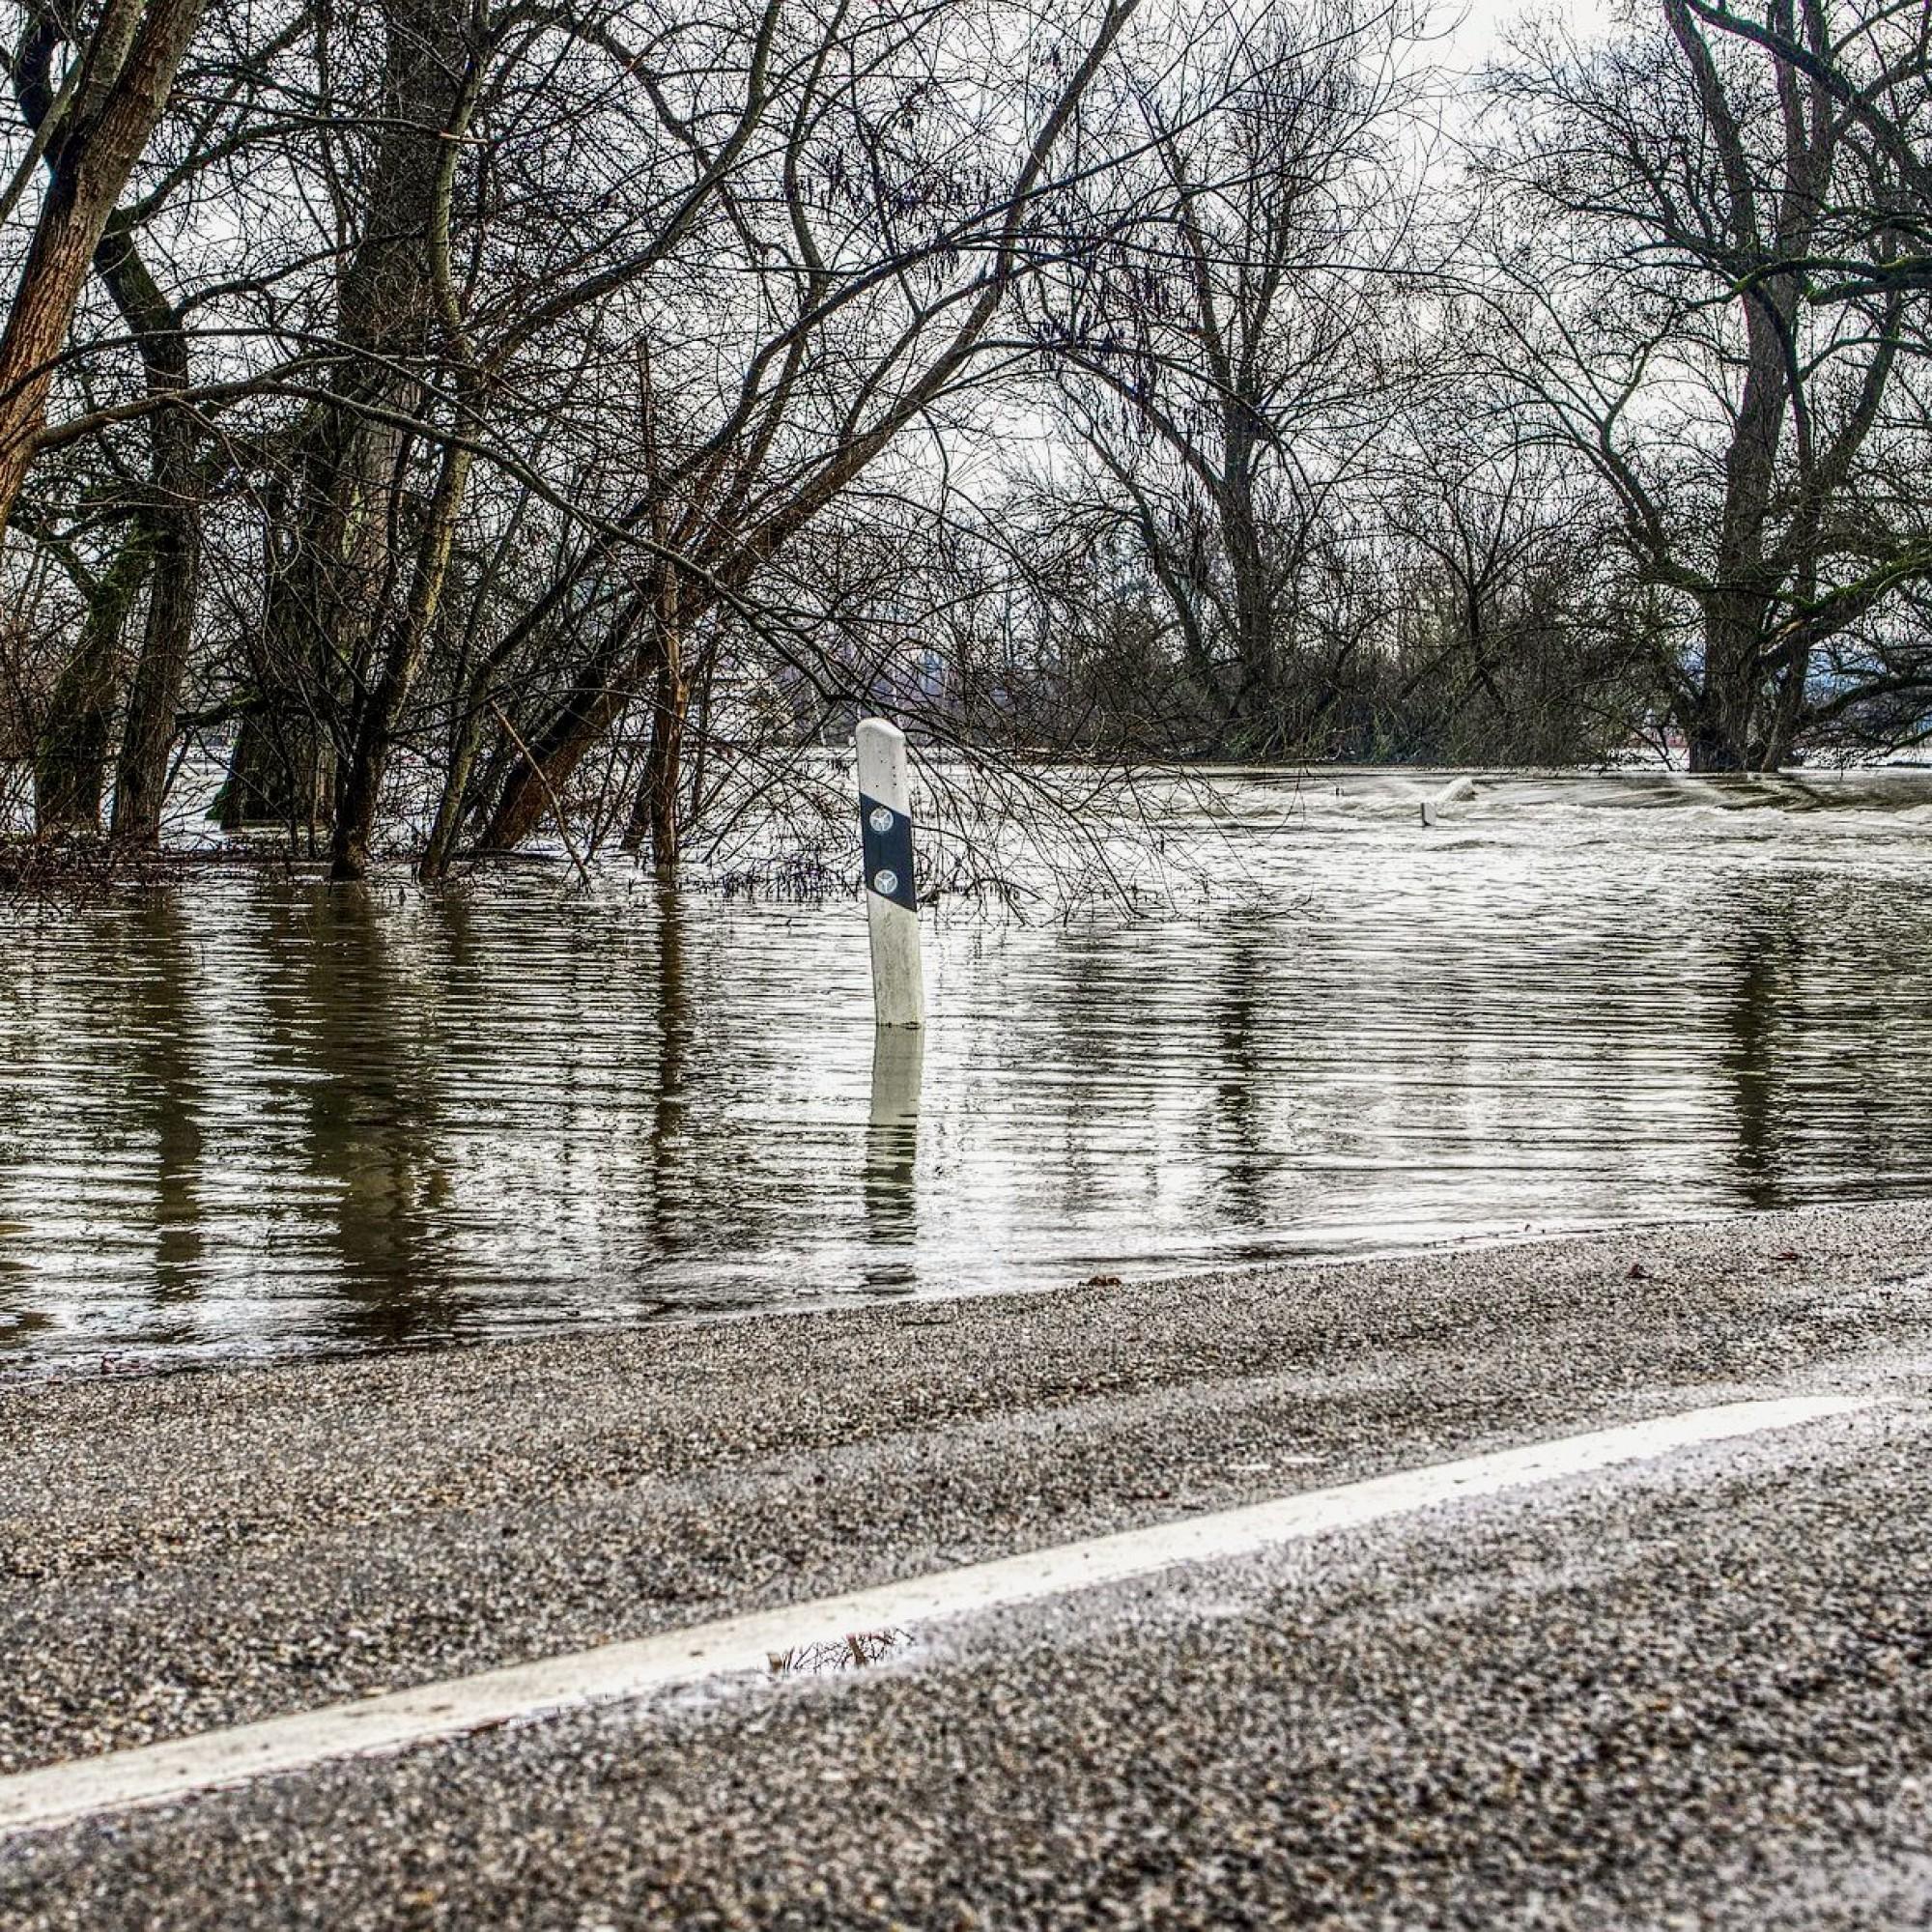 Überschwemmungen wegen Starkregenereignissen werden auch in der Schweiz zunehmen und vor allem Nebenstrassen betreffen.